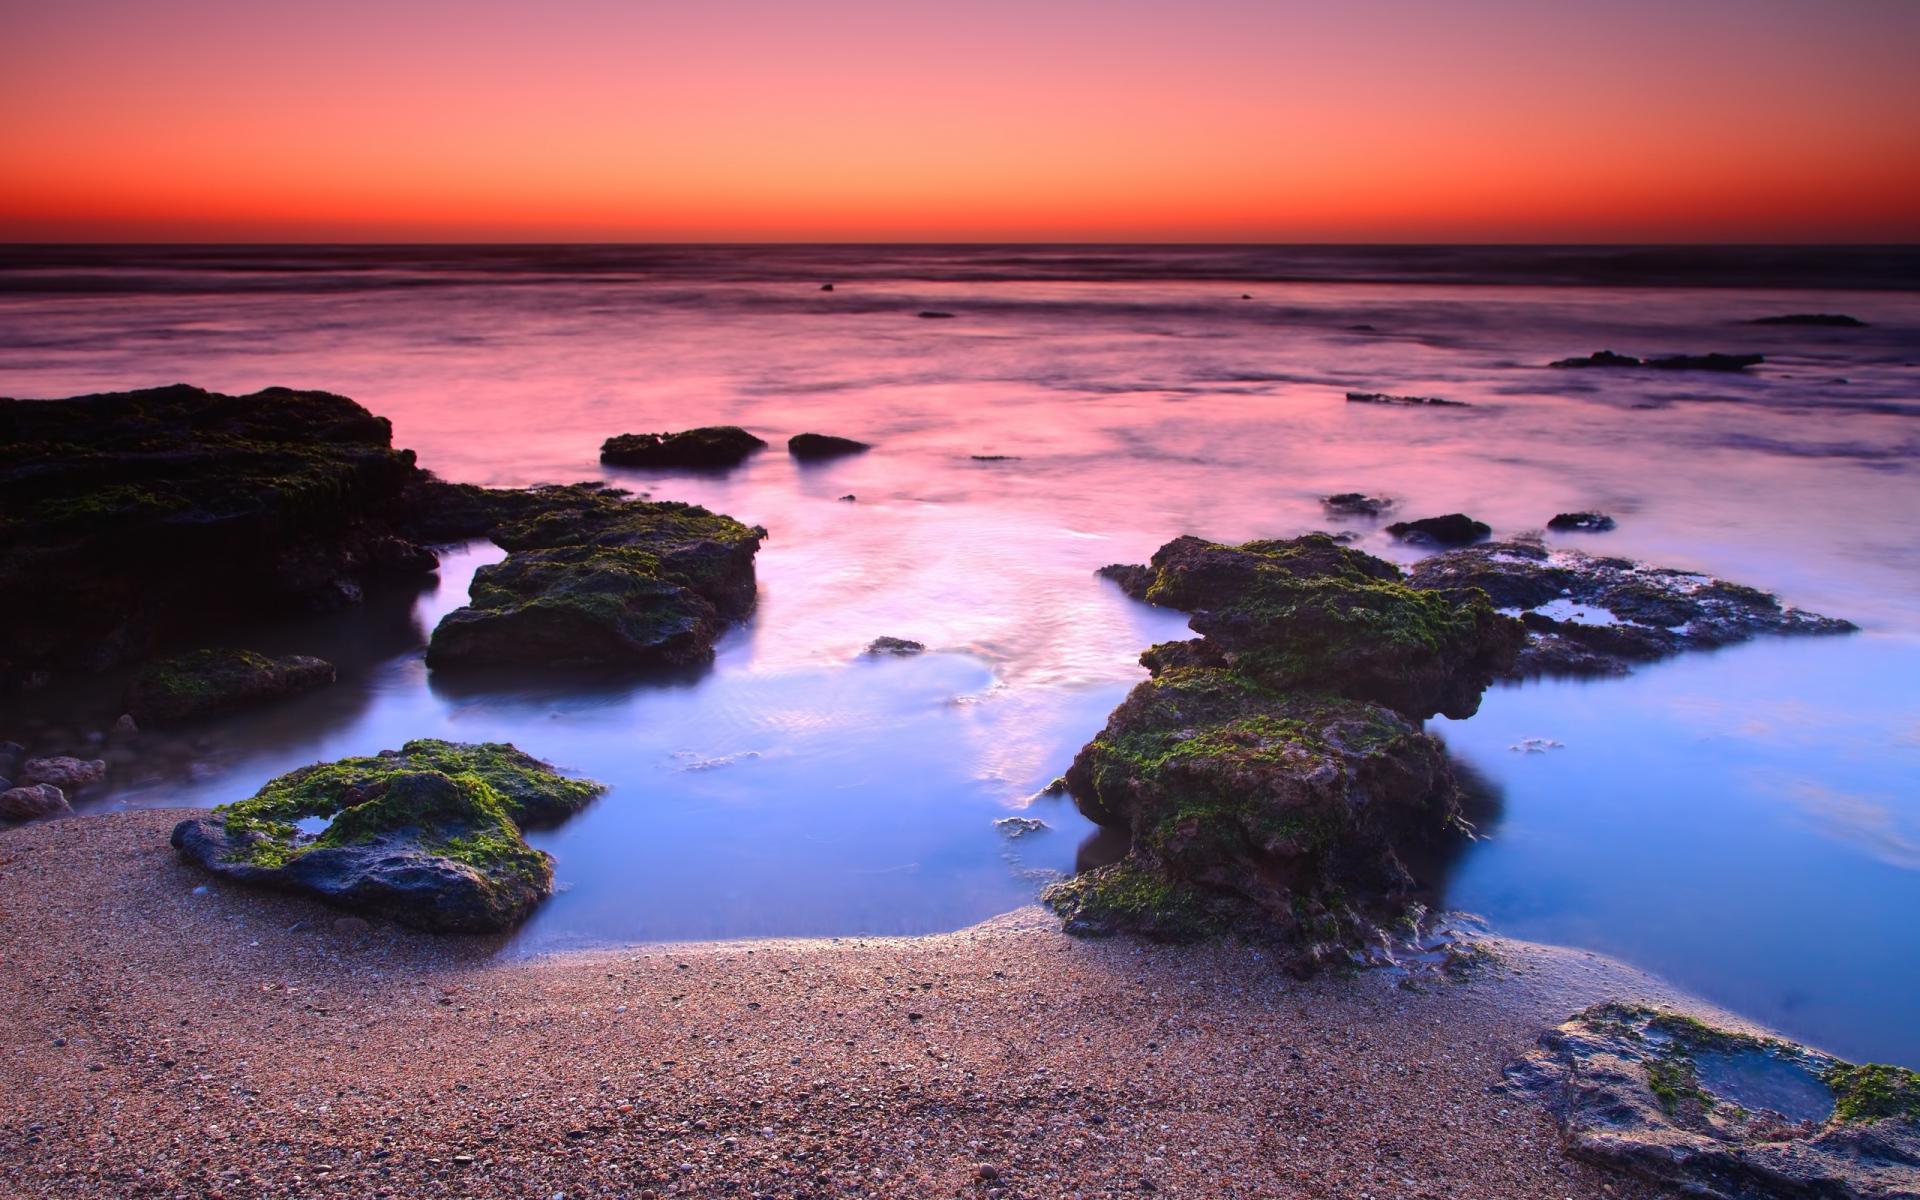 Картинки Берег, рифы, оранжевый, упад, горизонт, линия, мох, камни, песок, частицы, пар фото и обои на рабочий стол